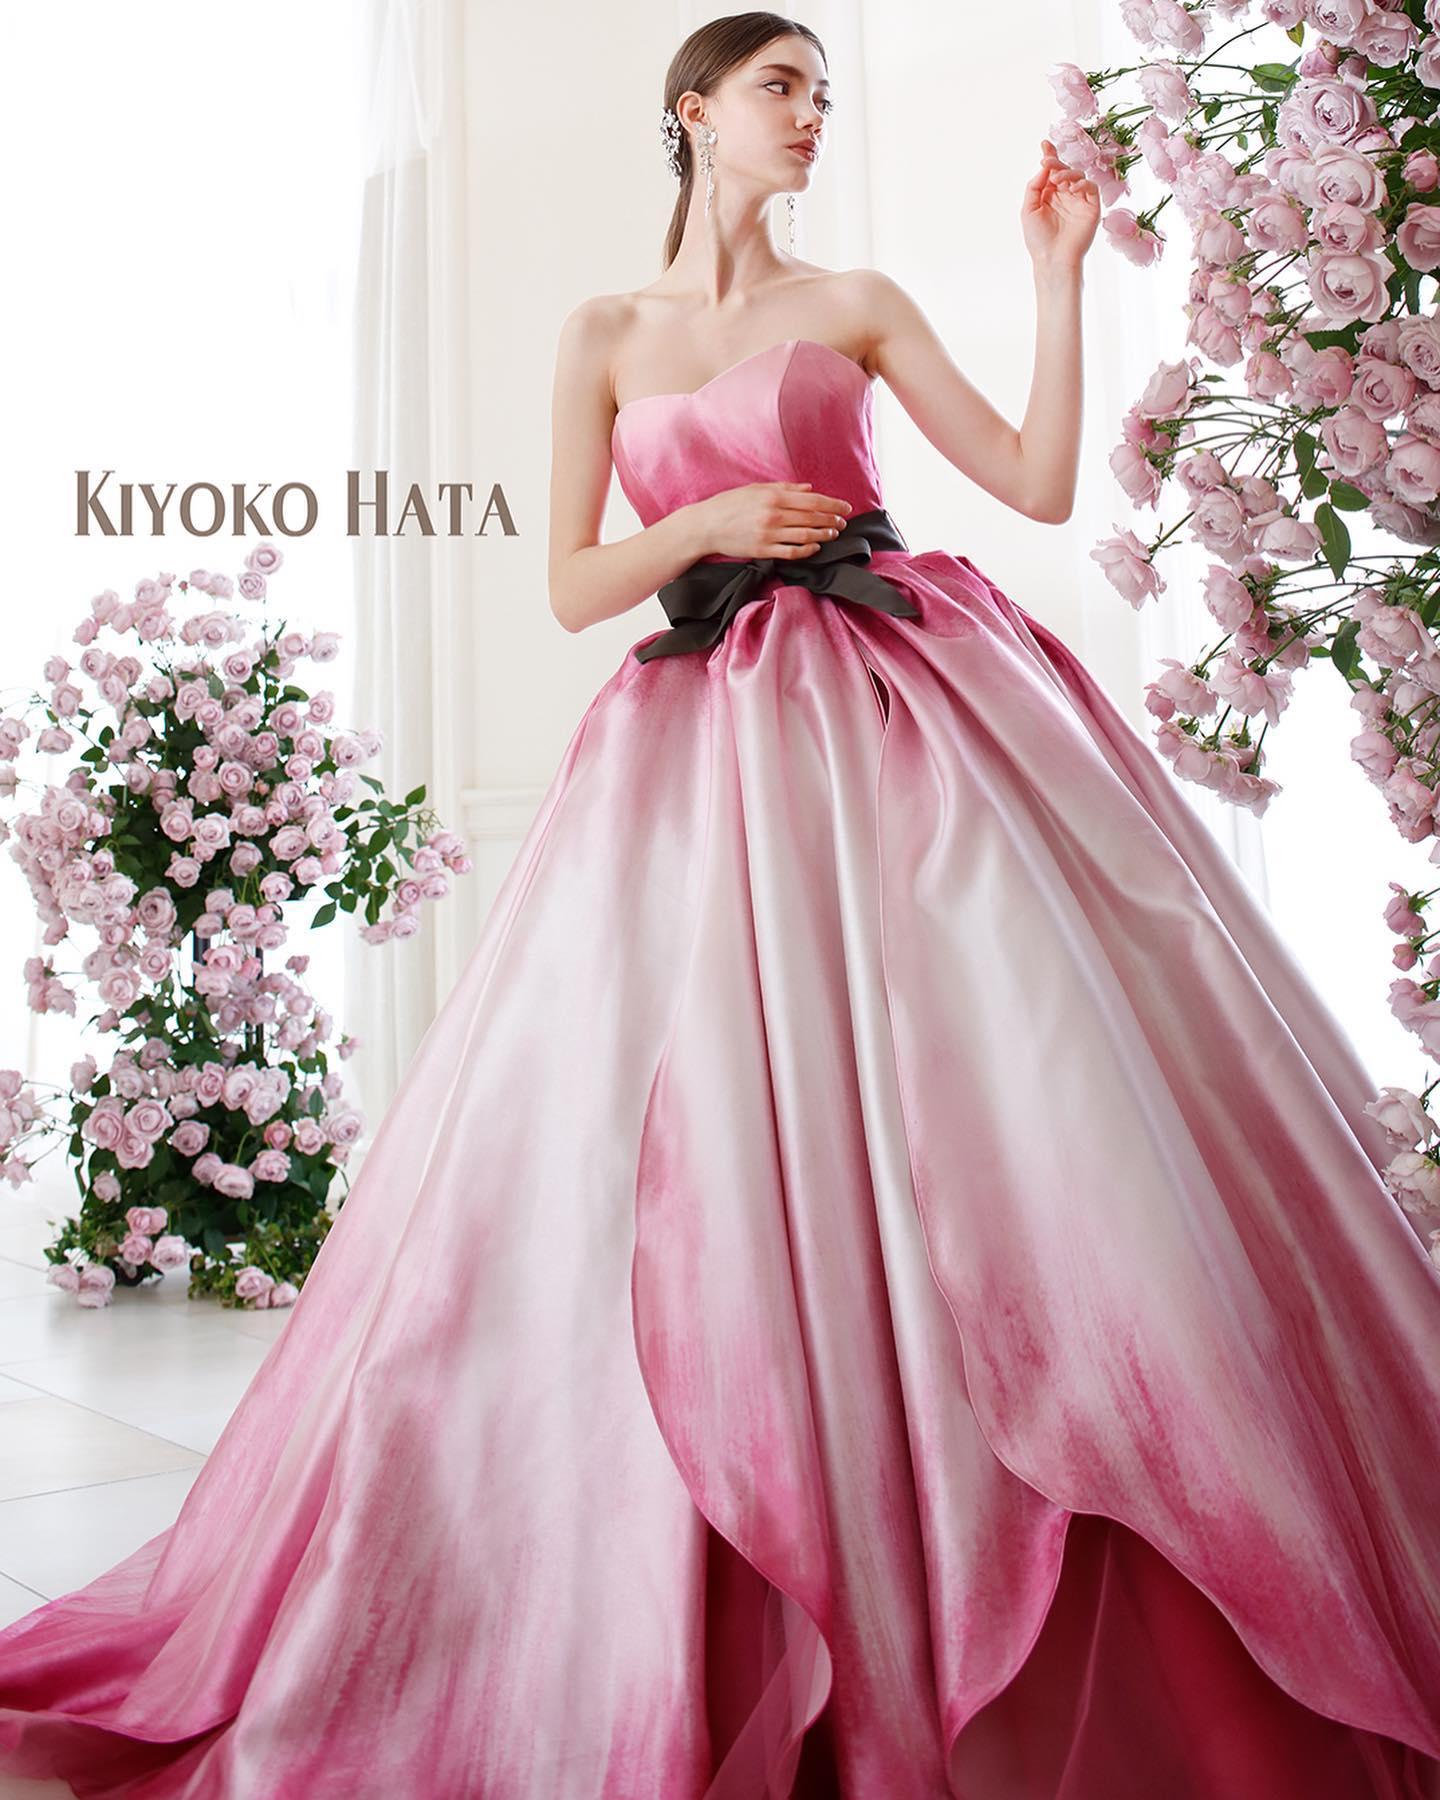 入荷予定ドレスのお知らせ🕊・大人気の#キヨコハタ の入荷予定ドレスです・咲きたてのチューリップのフルーティな香りが漂ってきそうな花びらをモチーフにしたスカート・ミルクホワイトからローズピンクへのグラデーションを表現しています・まるでチューリップの中でくつろぎながら夢を見る親指ひめになったような幻想の世界へといざないます・同素材でボリュームのあるパフスリーブブラウスは着脱可能なのでシーンやお好みに合わせてスタイリングが可能・他の誰とも被らないようなお色直しにいかがでしょうか・入荷前の為、試着予約に関しては事前にお問い合わせ下さいKH-0512 ピンク・#wedding #weddingdress #bridalhiro #kiyokohata #ウェディングドレス #プレ花嫁 #ドレス試着 #2021冬婚 #ヘアメイク #結婚式  #ドレス選び #前撮り #後撮り #フォトウェディング #ウェディングヘア  #フォト婚 #前撮り写真 #ブライダルフォト #カップルフォト #ウェディングドレス探し #ウェディングドレス試着 #レンタルドレス #ドレスショップ #家族婚 #ブライダルヒロ #ゼクシィ #プリンセスライン #ドレス迷子 #キヨコハタ #キヨコハタドレス